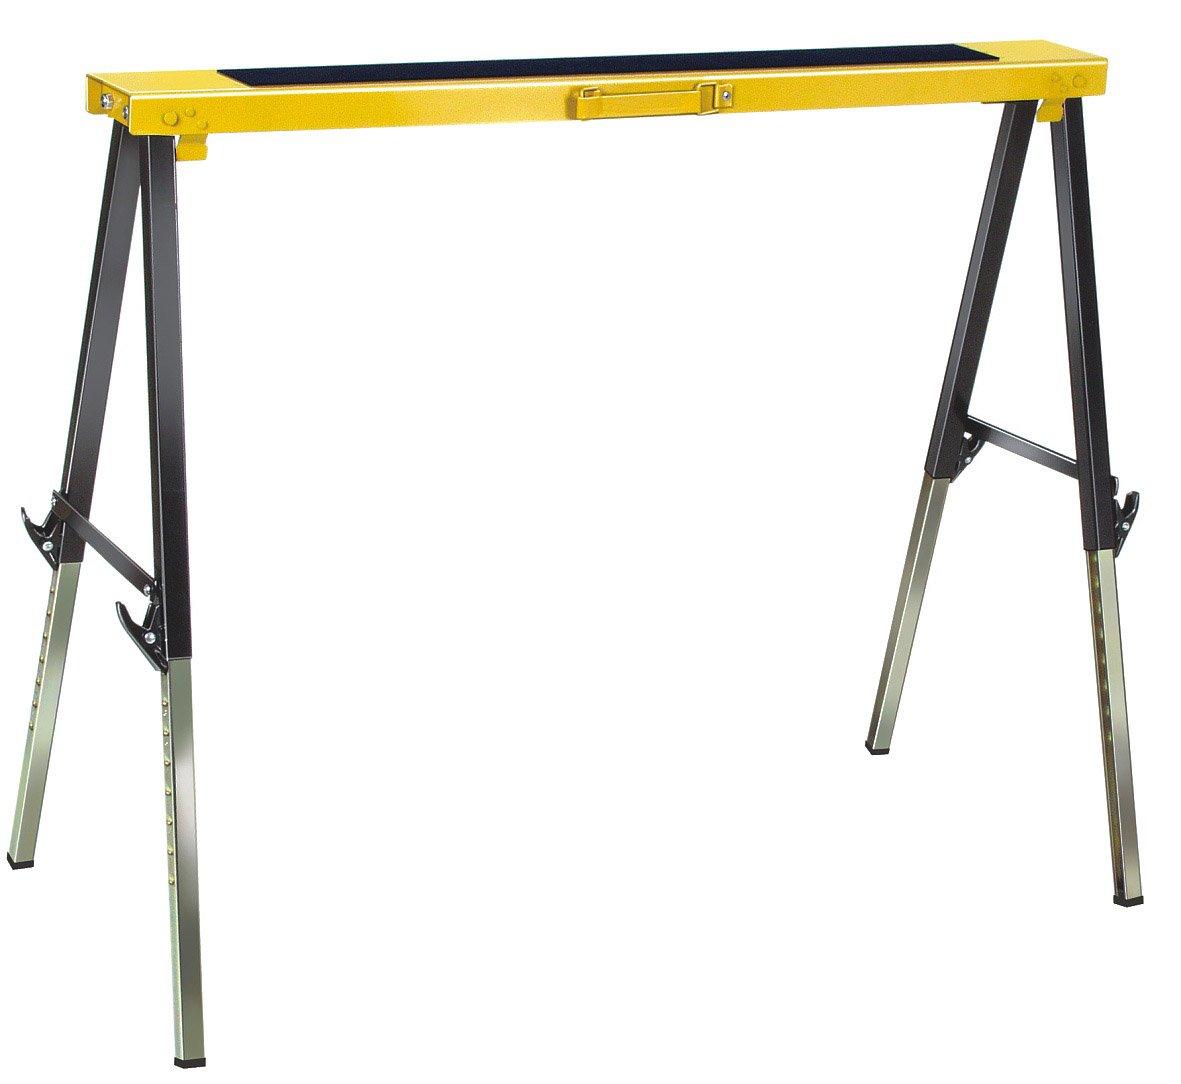 Brennenstuhl 1444610 MB 120 KH Tré teau de travail pliable, Noir/jaune/argent, 5 m